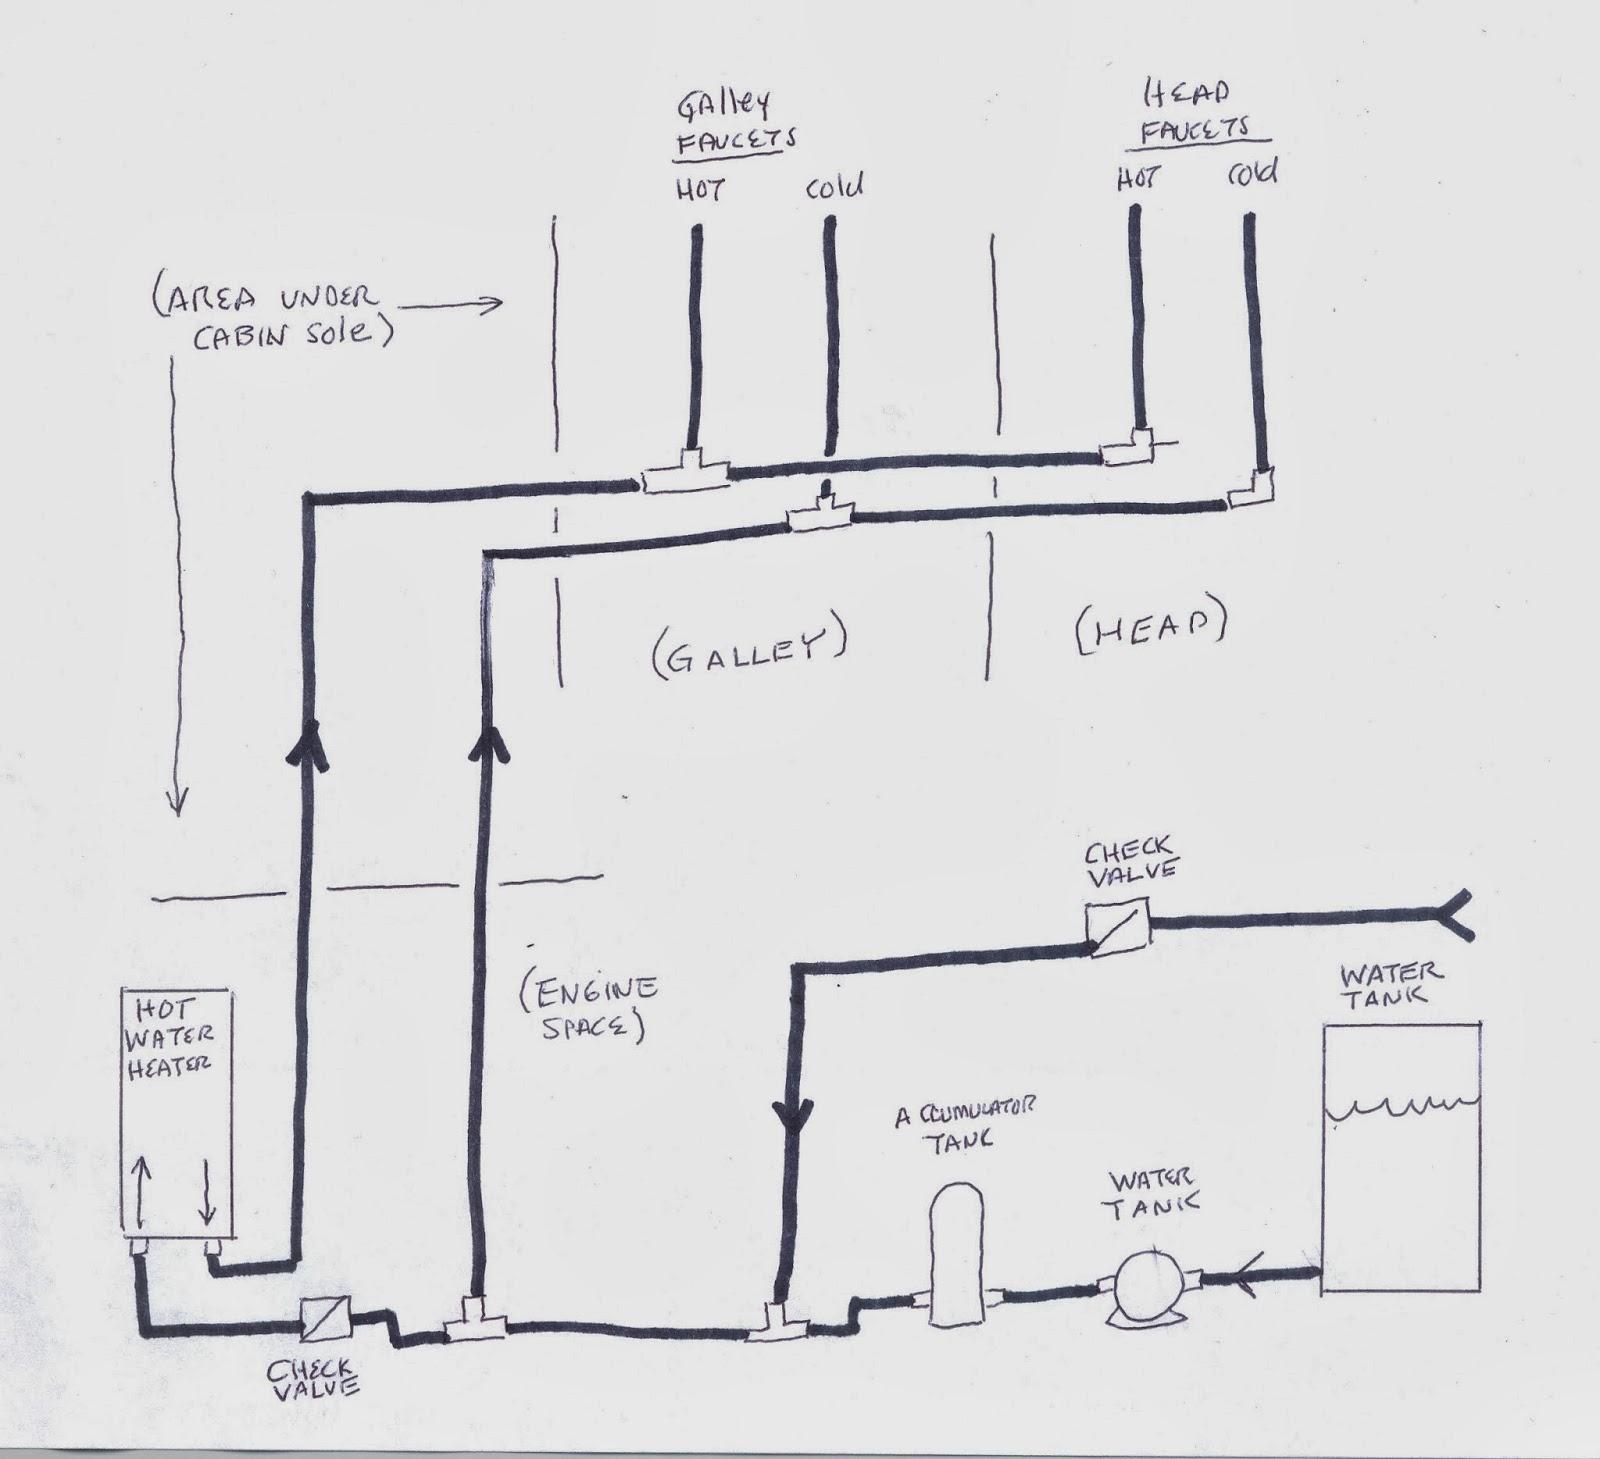 Similiar pool piping diagram keywords - Filename Plumbing Diagram 2 Jpg